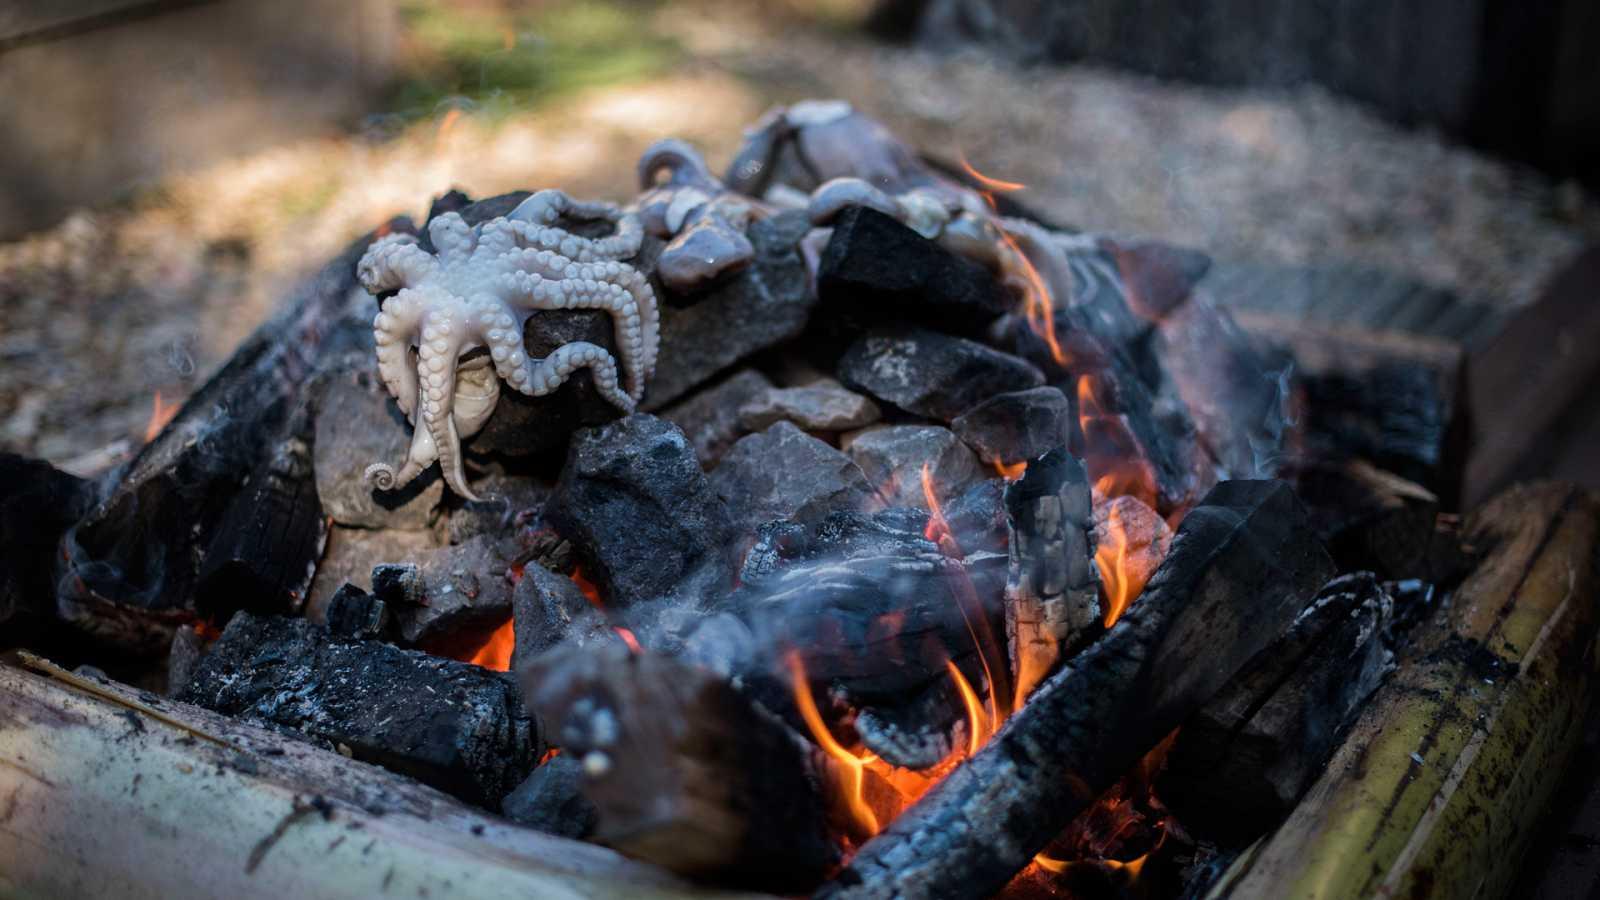 Otros documentales - Expedición culinaria. Cocinar con fuego: Expedición barbacoa - ver ahora